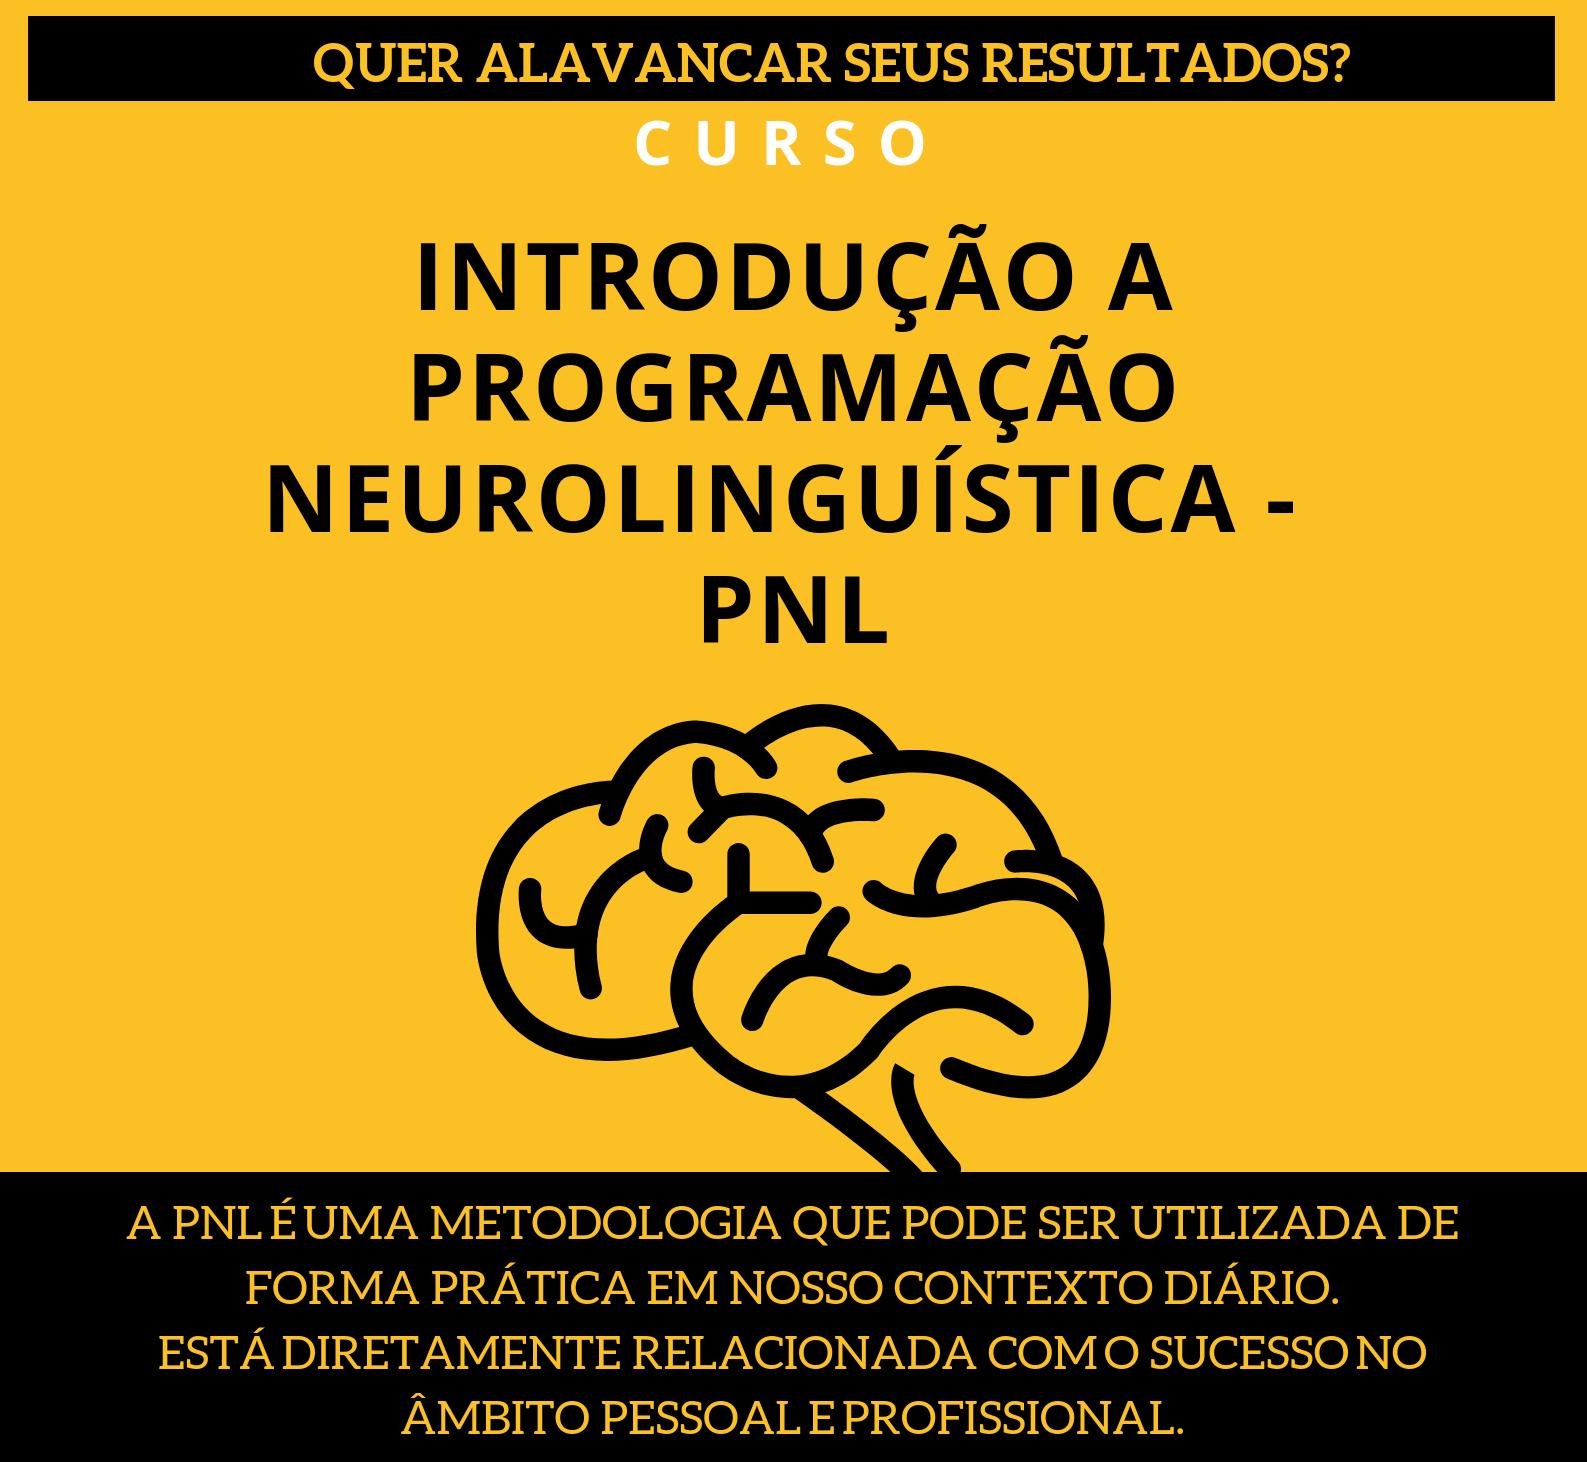 INTRODUÇÃO A PROGRAMAÇÃO NEUROLINGUÍSTICA - PNL